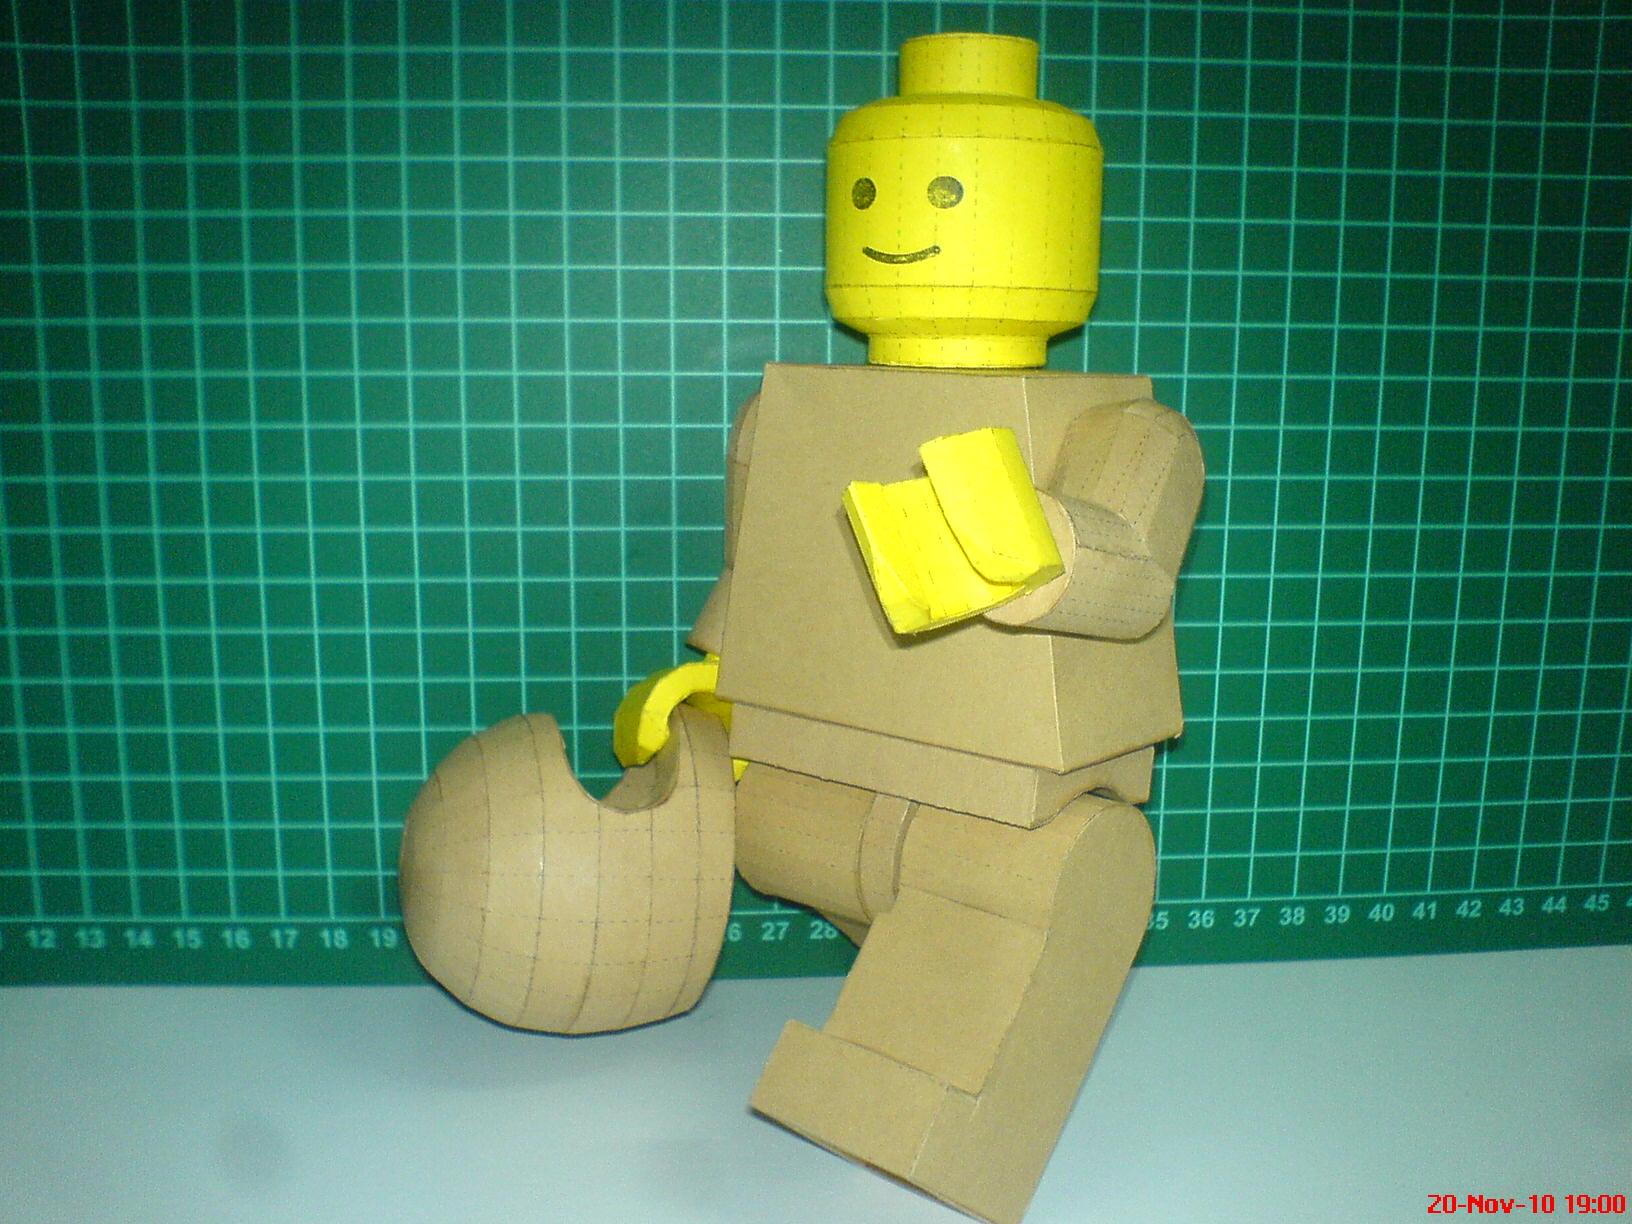 Lego Man Model